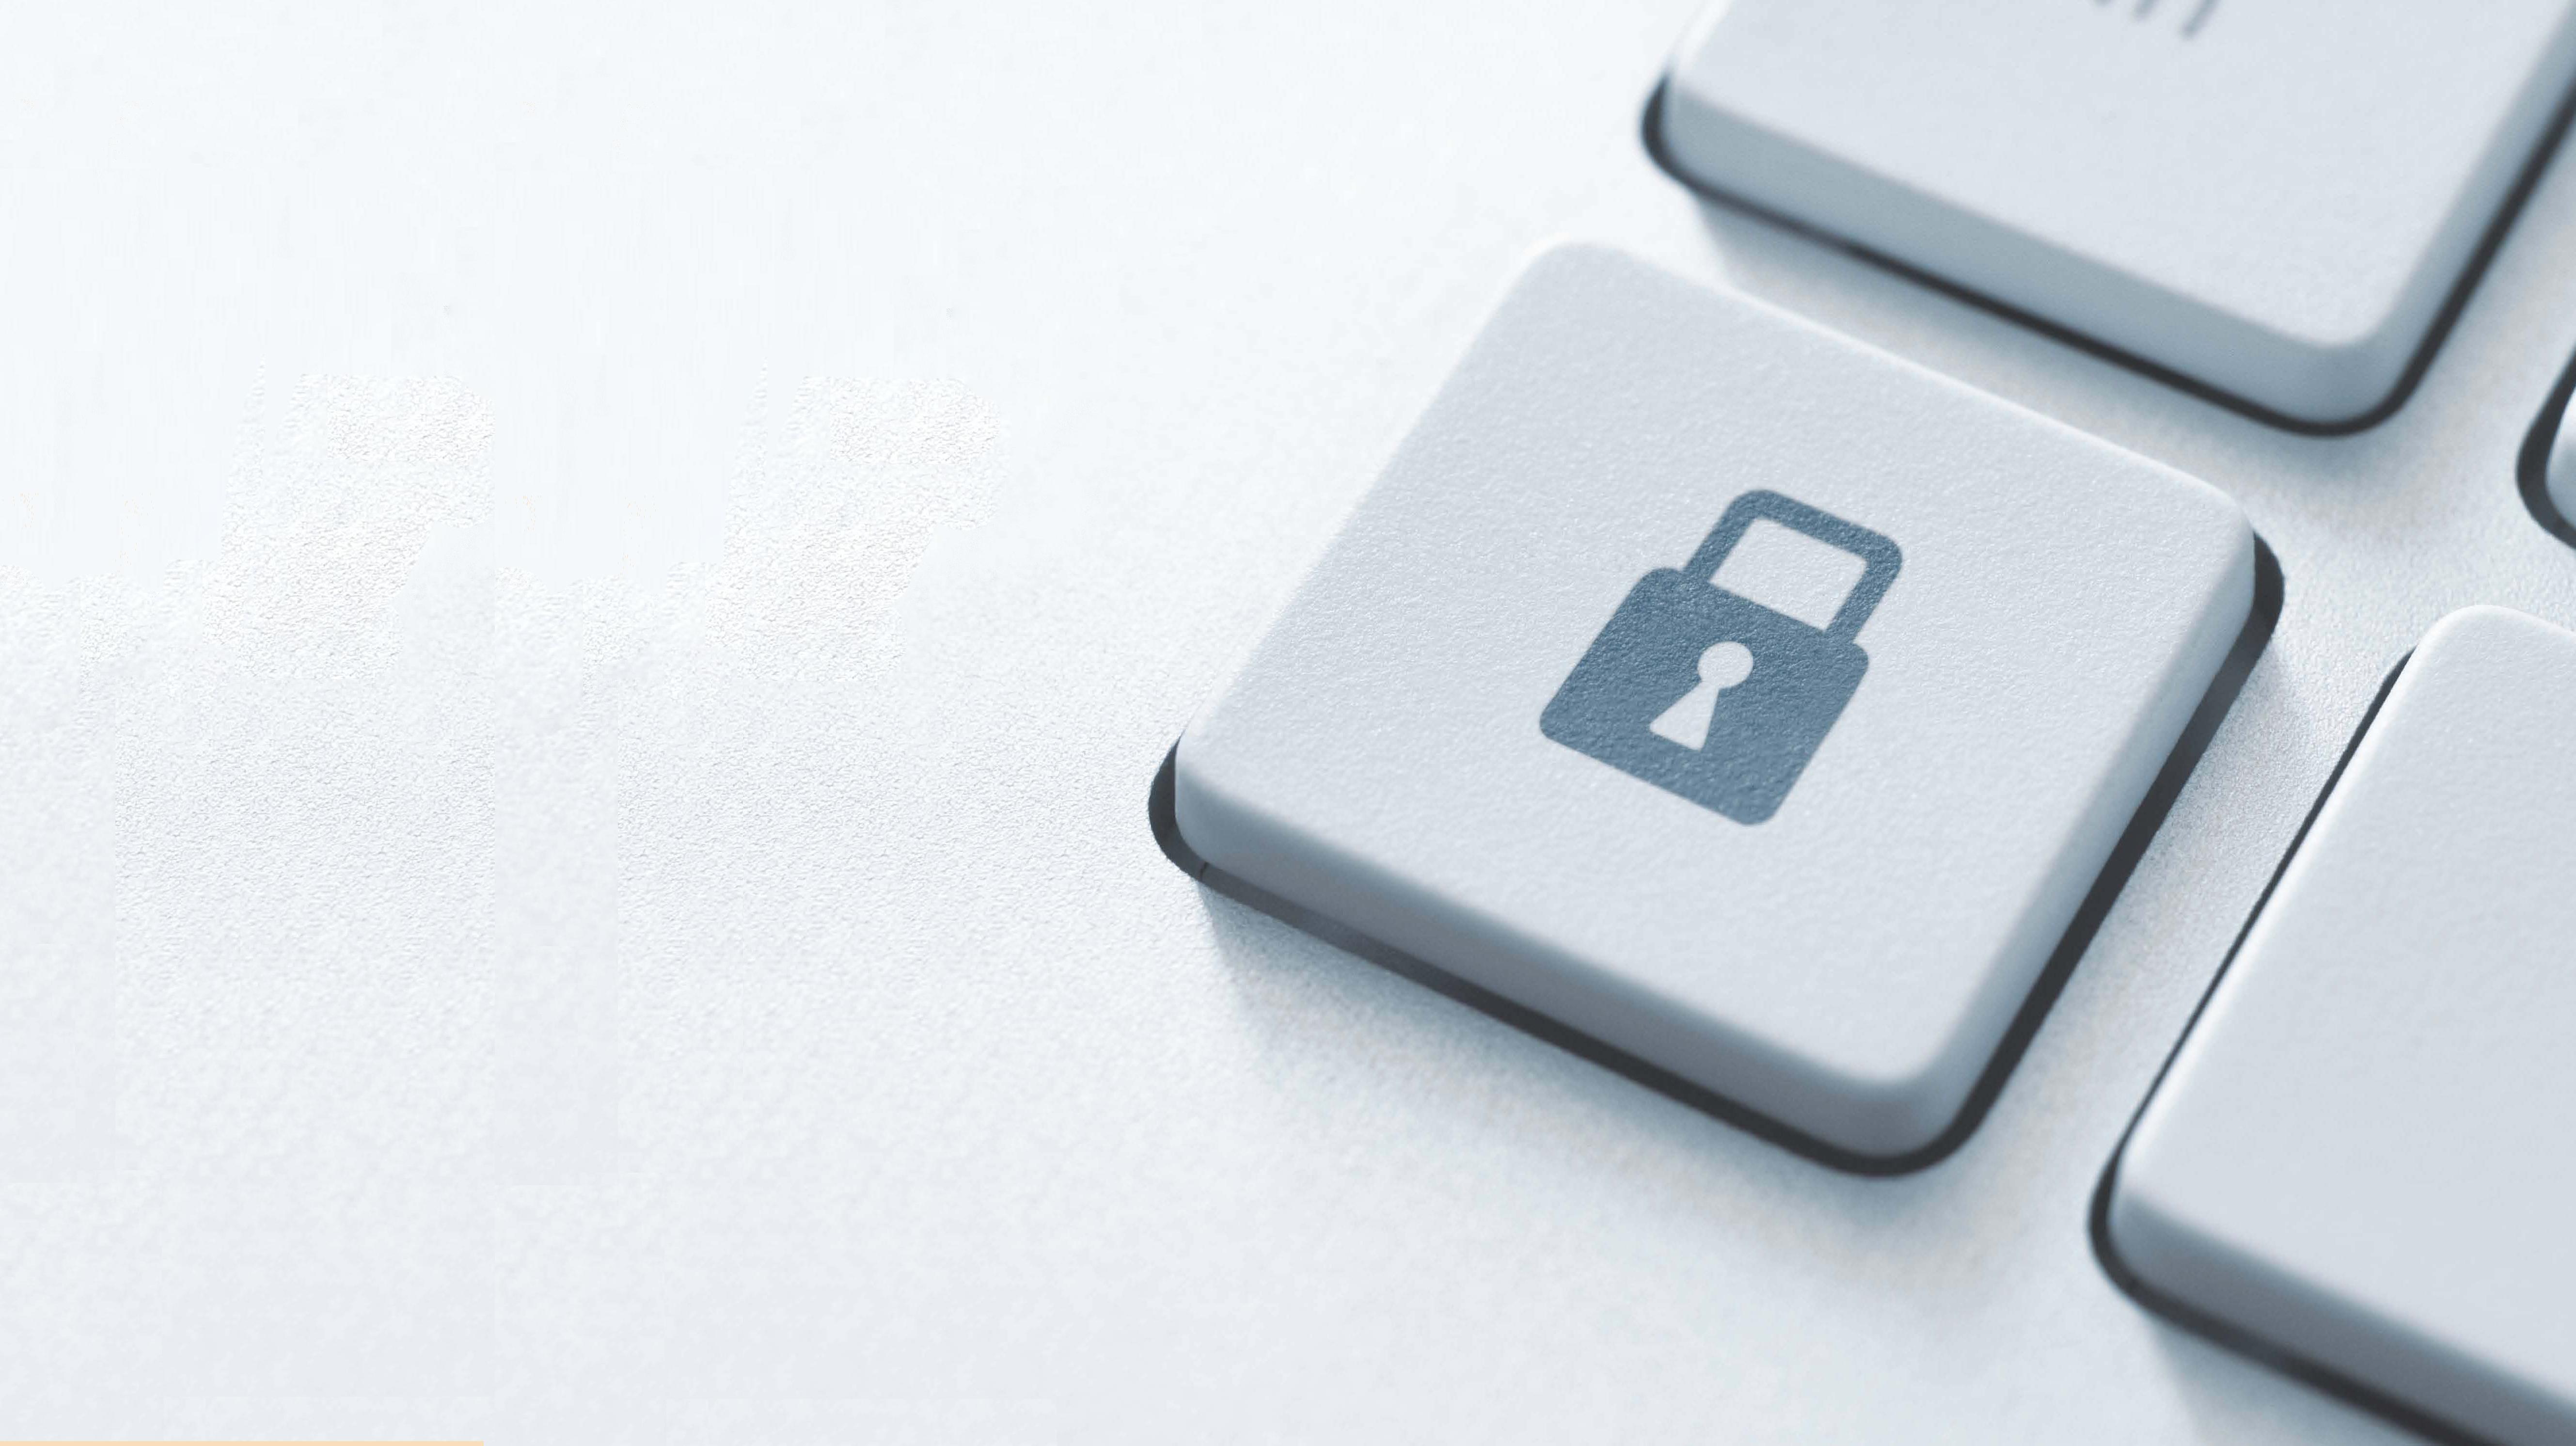 Se pone en duda que la cookie de Facebook Datr. cumpla la normativa en materia de protección de datos